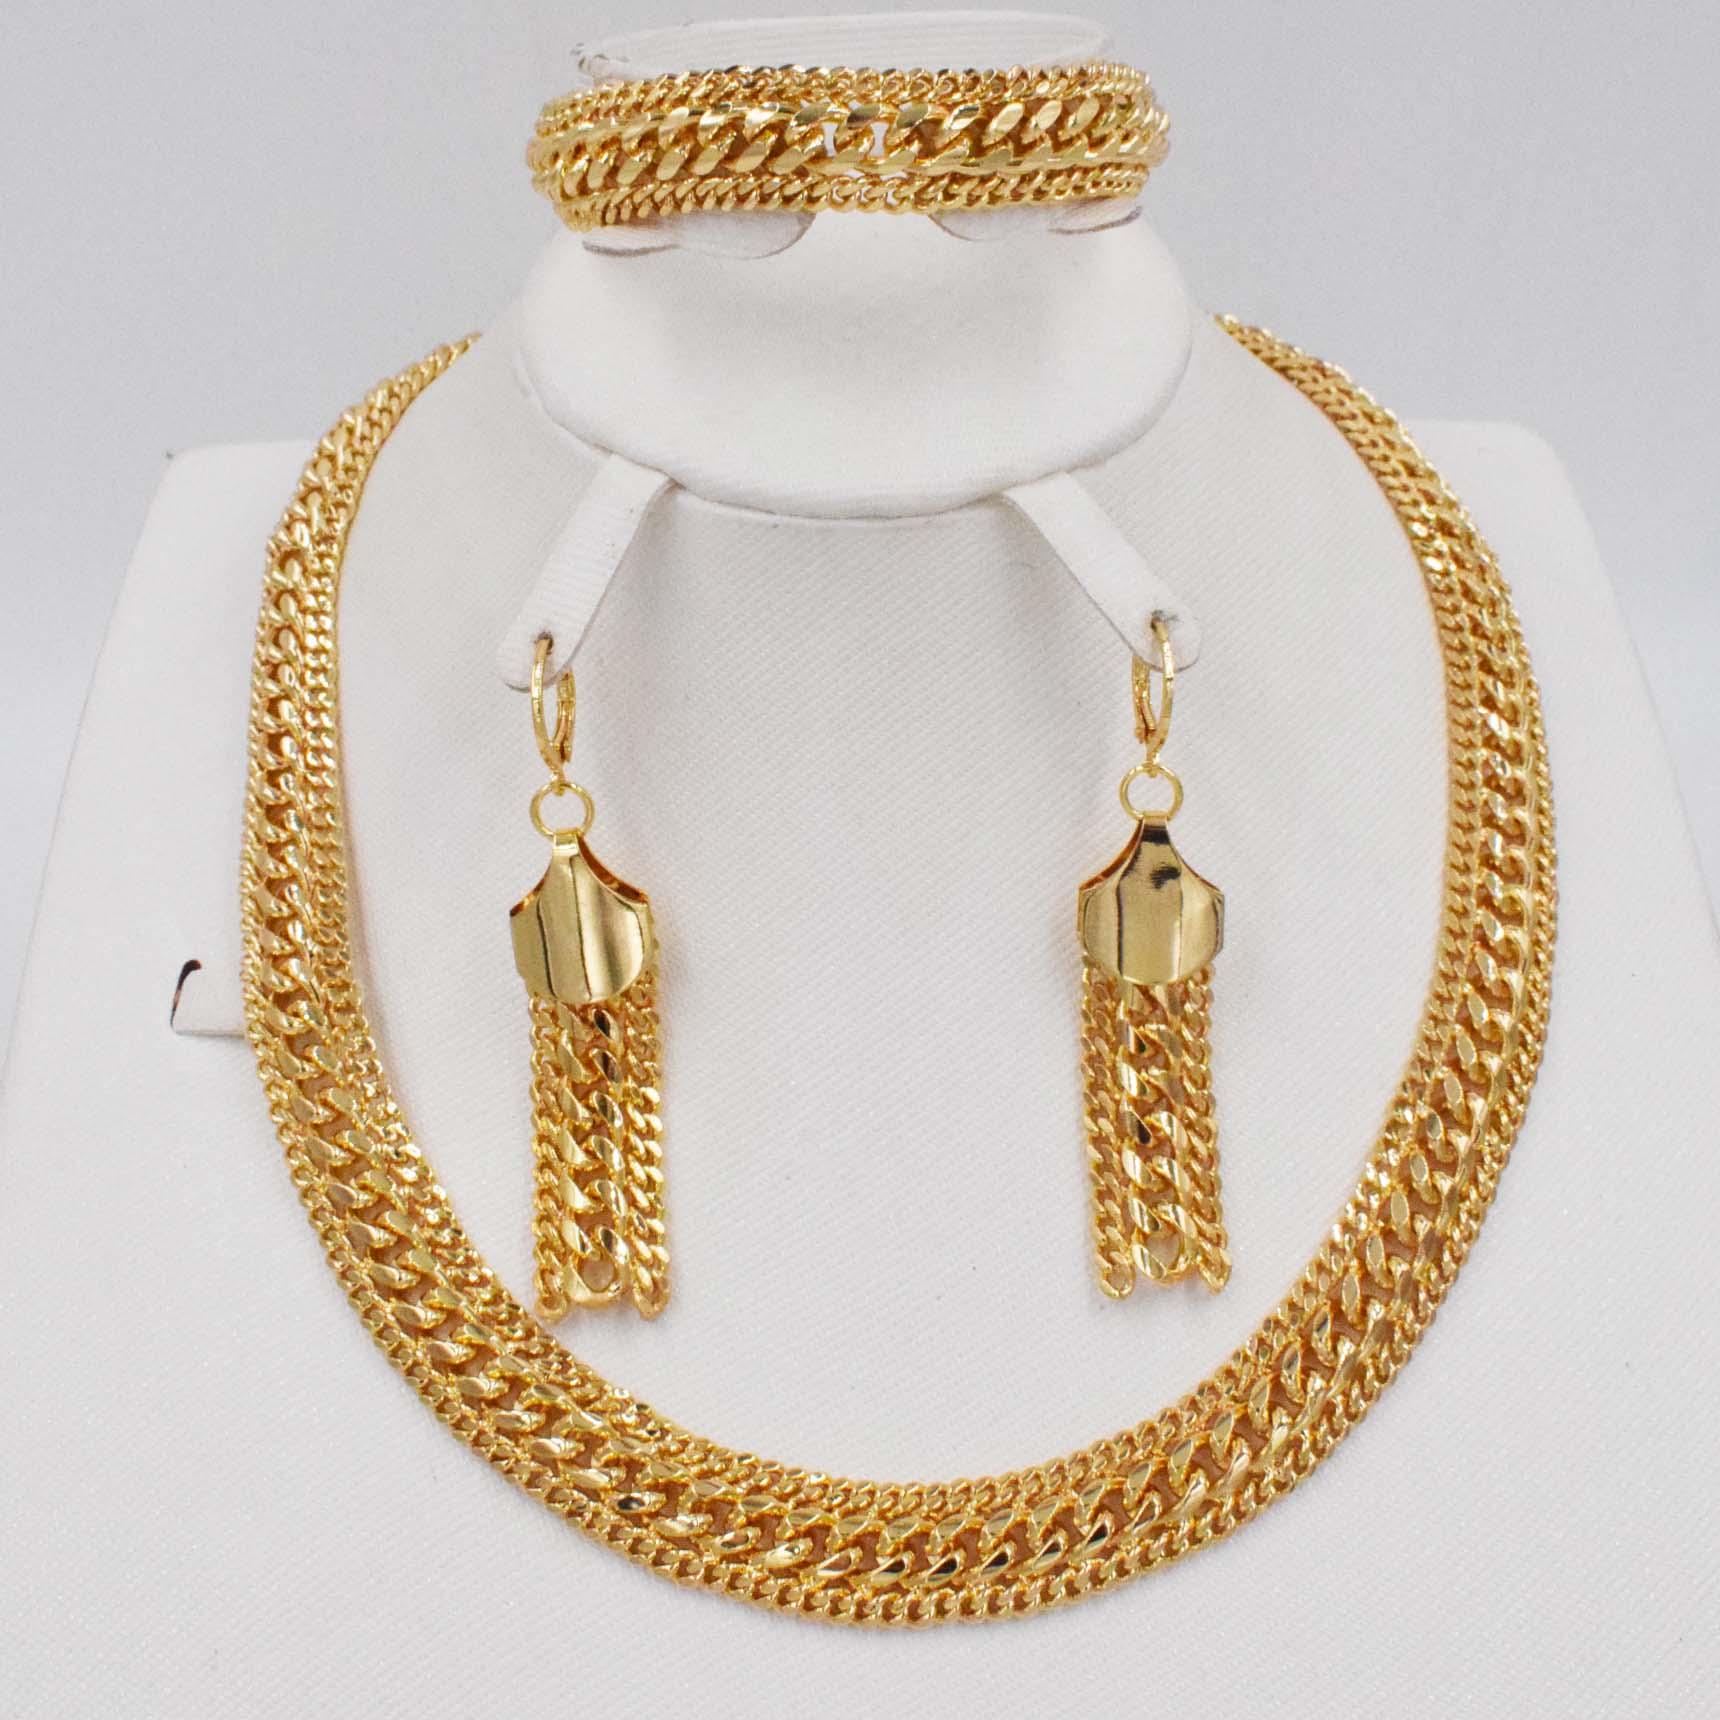 Offre spéciale dubai or bijoux ensemble de haute qualité mode perles bijoux pour femmes afrique mariage collier boucles d'oreilles ensemble